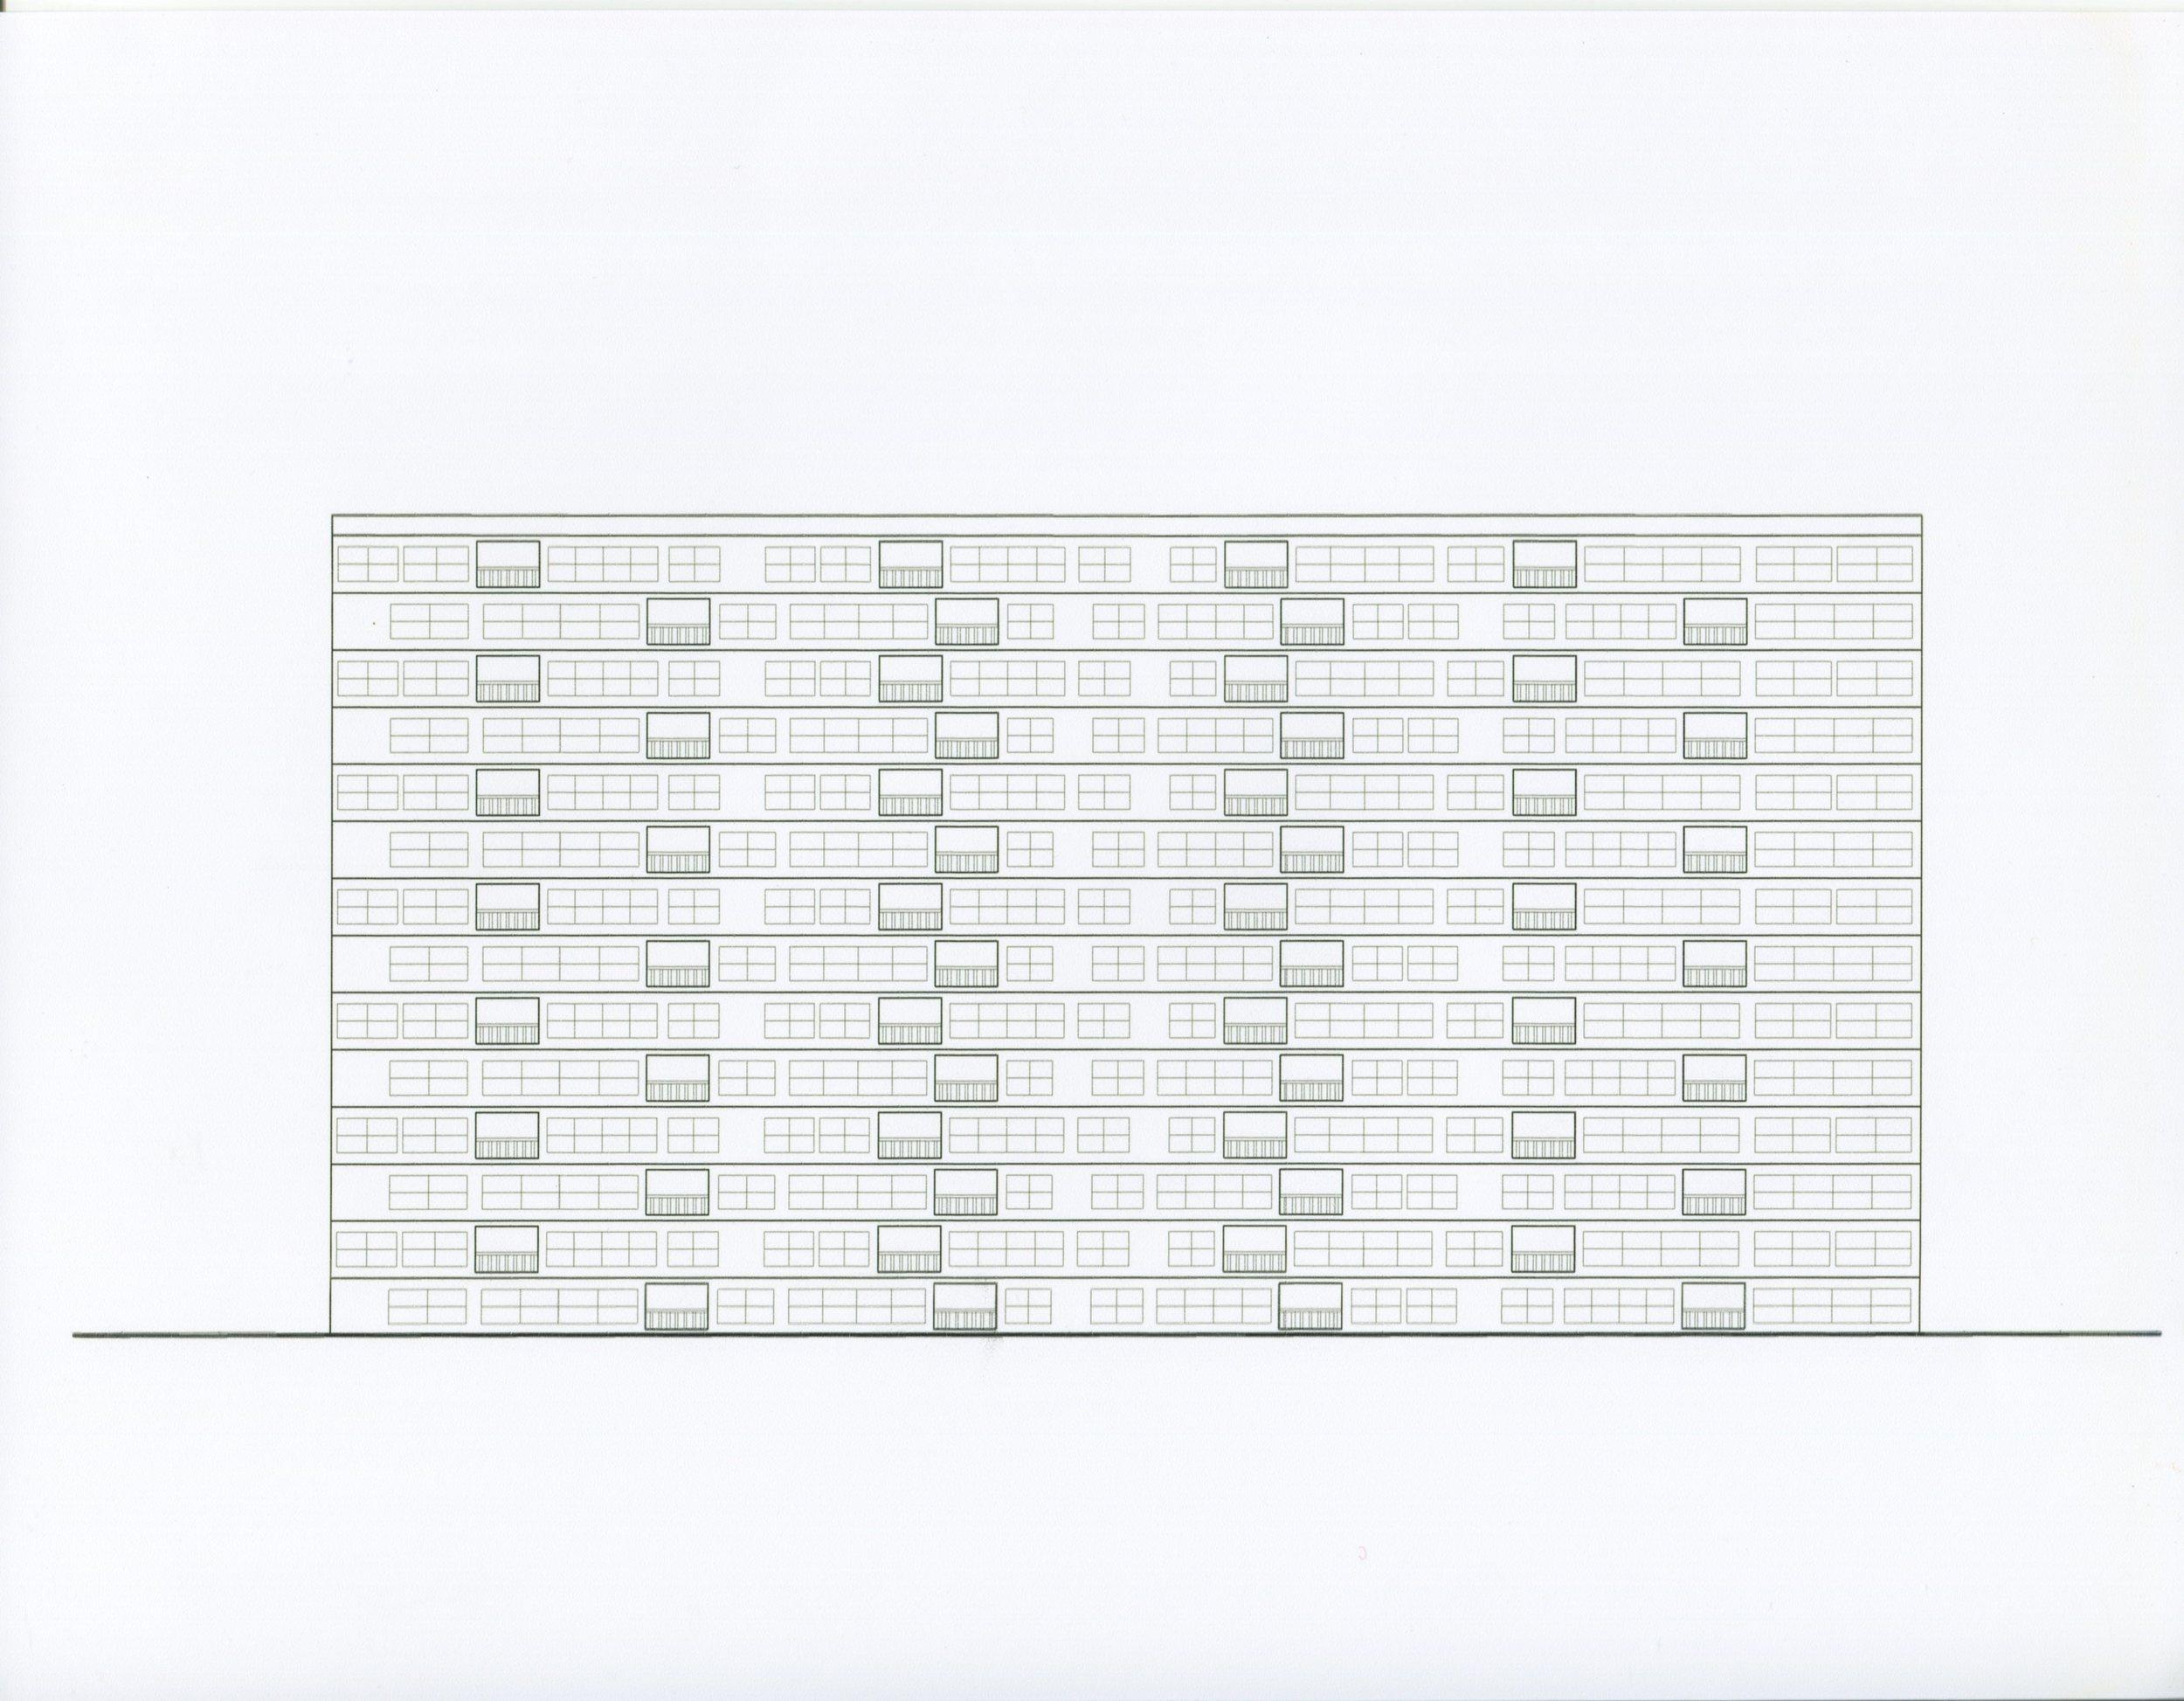 b6bdb6_87c5dca0a63674e0318d2a124d5906af.jpg